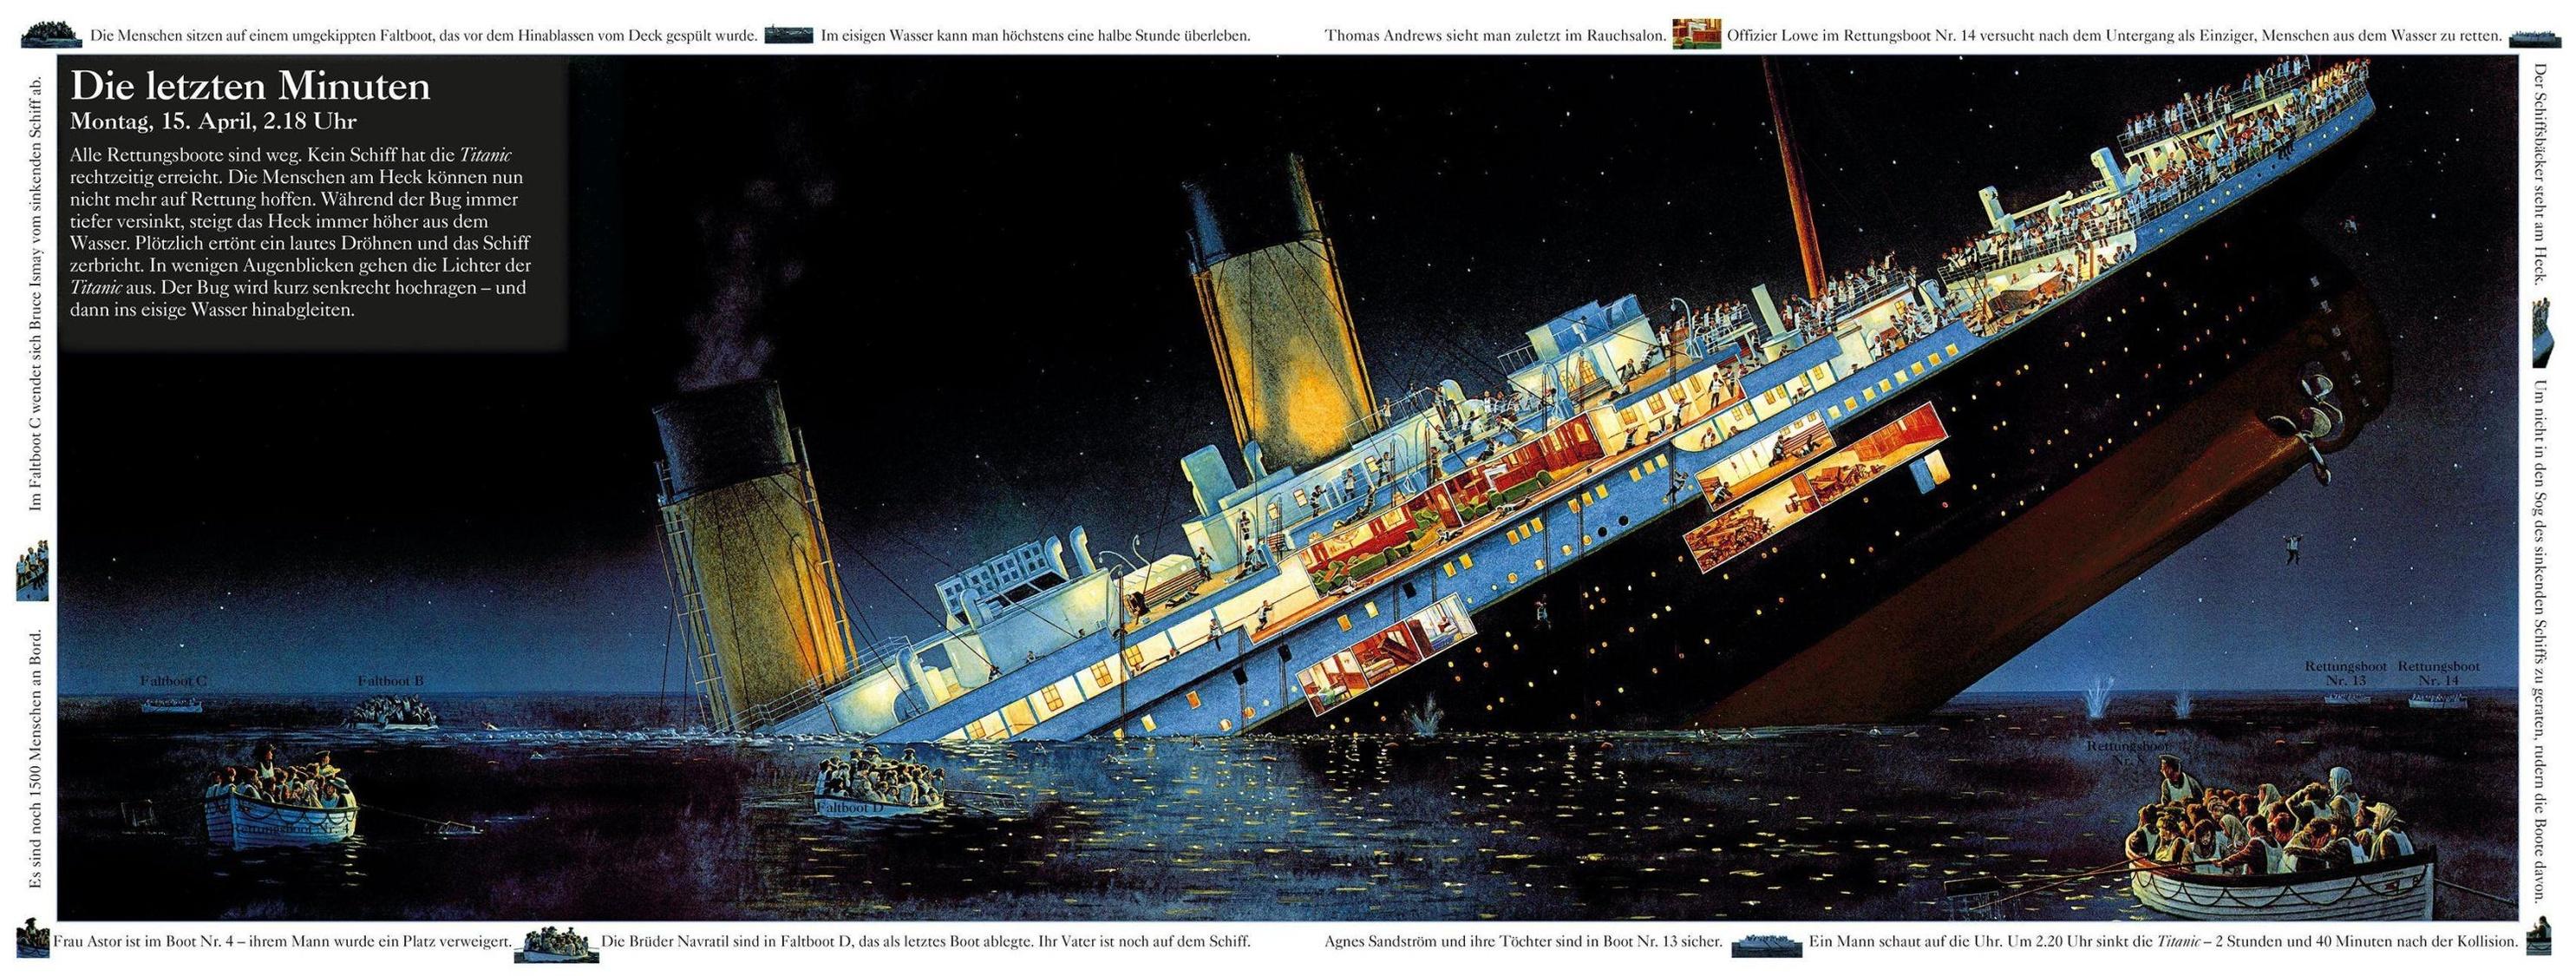 Titanic Geschichte